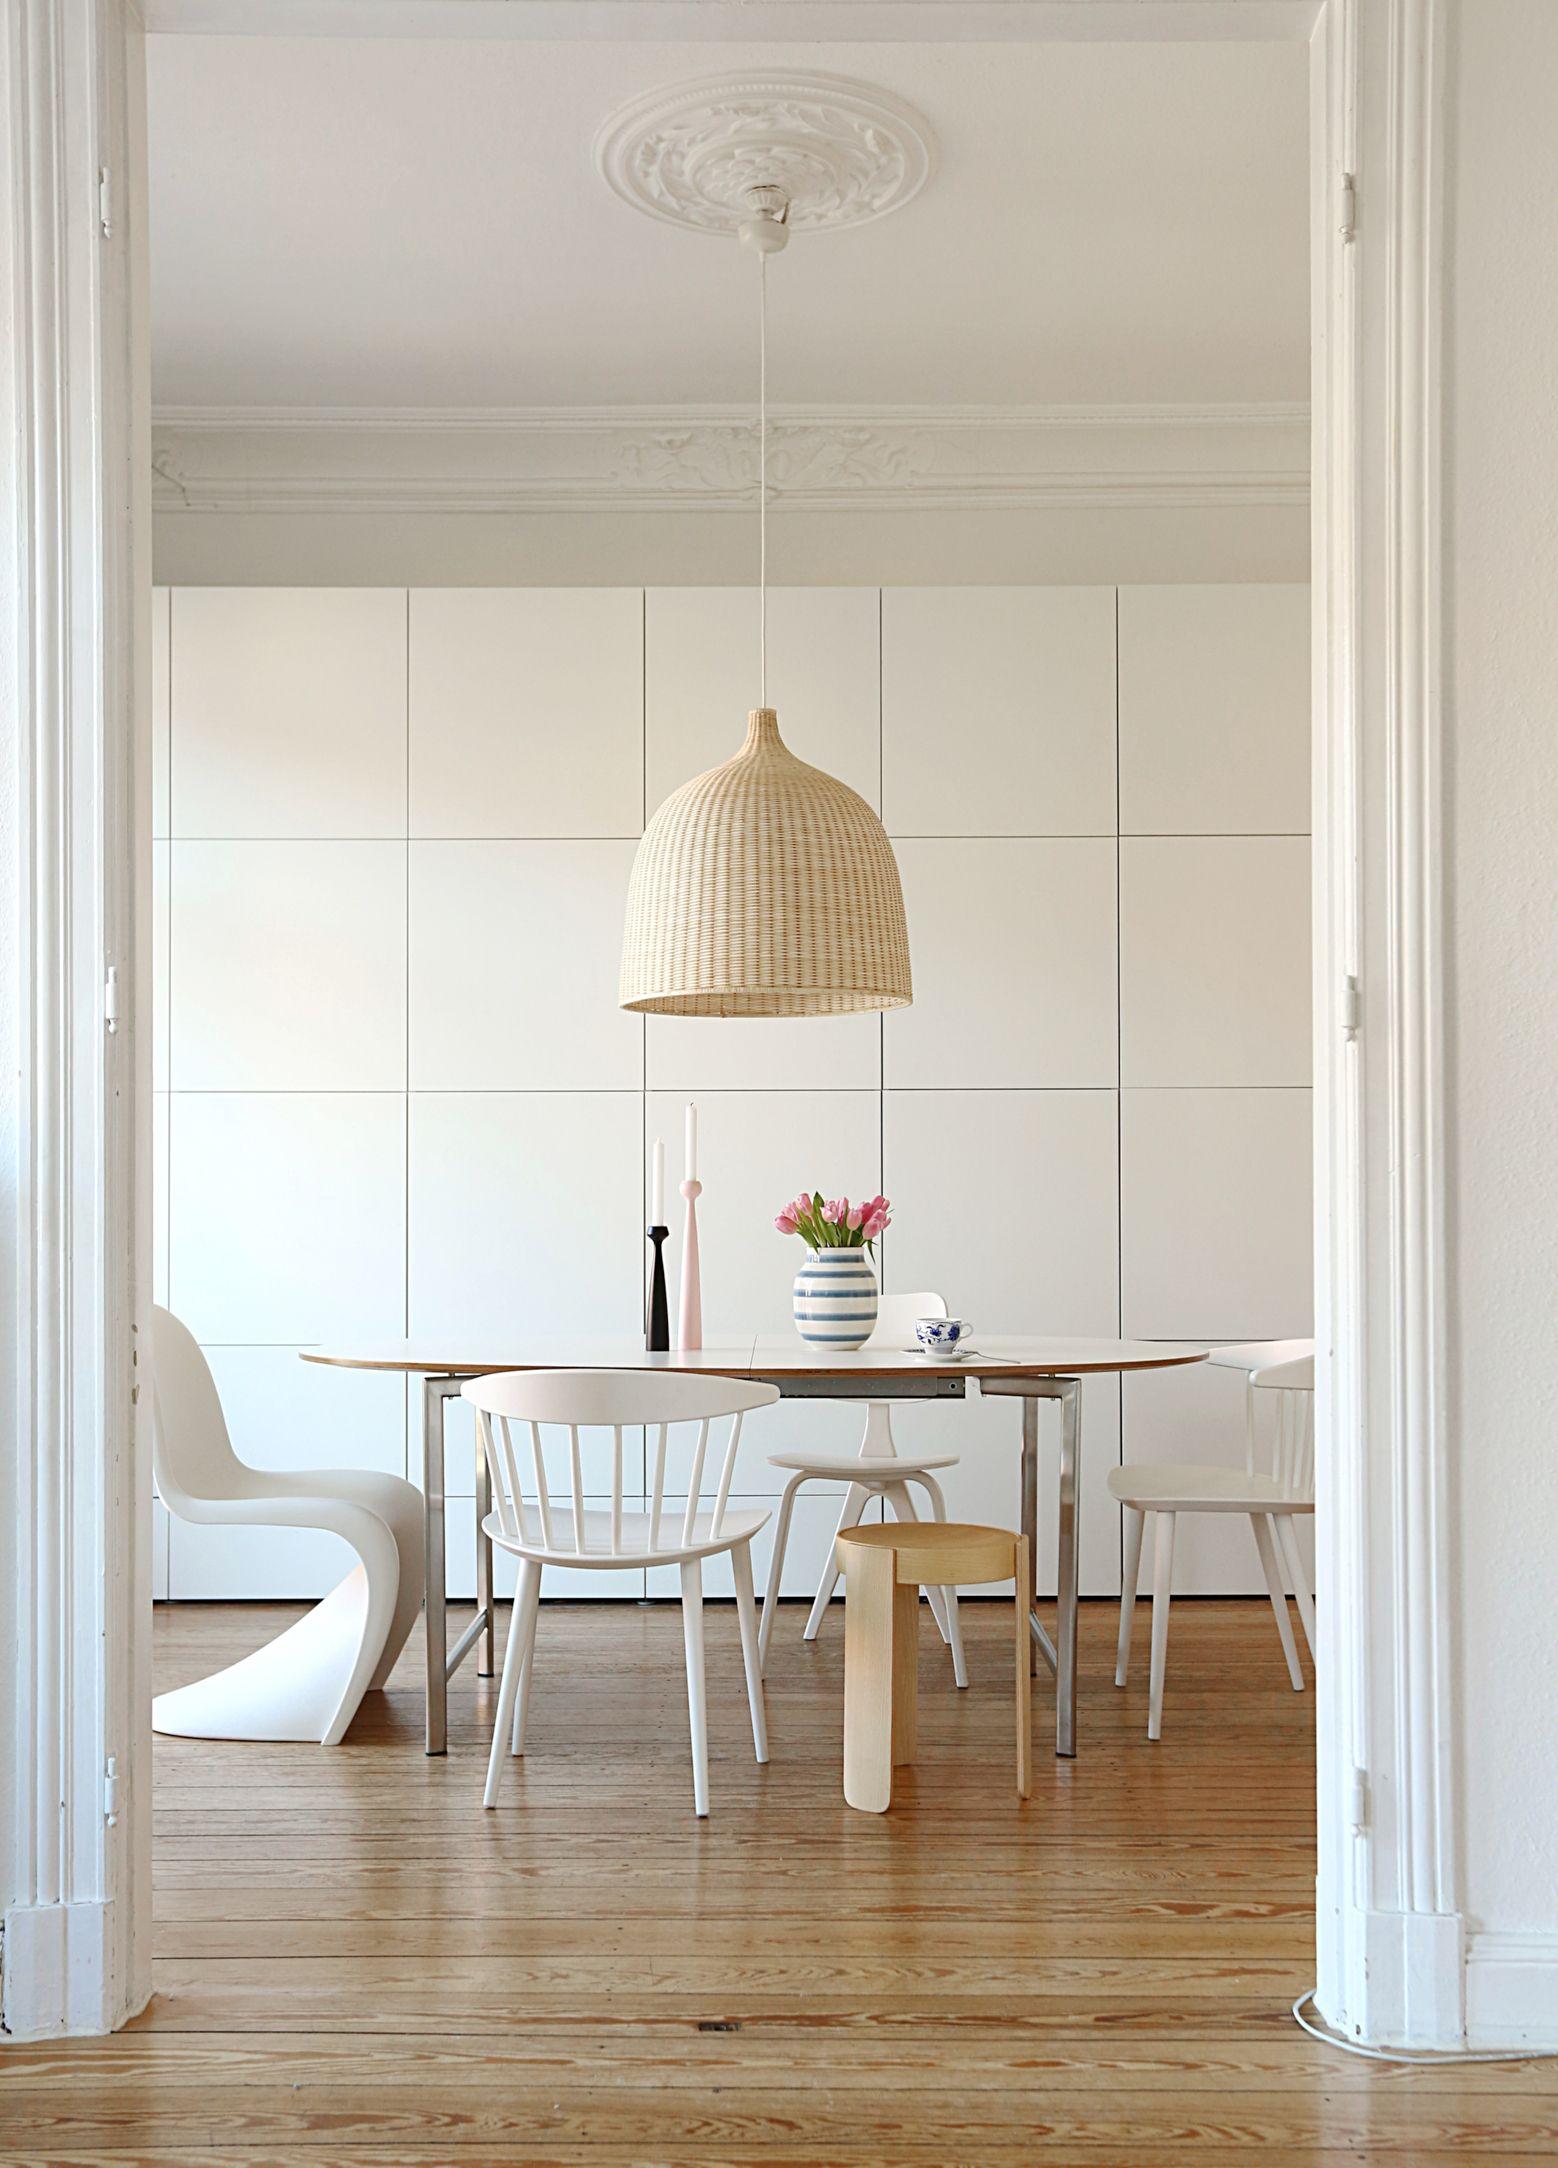 Esszimmer Esstisch Bolia Weiß, Ikea Leuchte, Weiß, Helles Holz, Korb,  Naturtöne